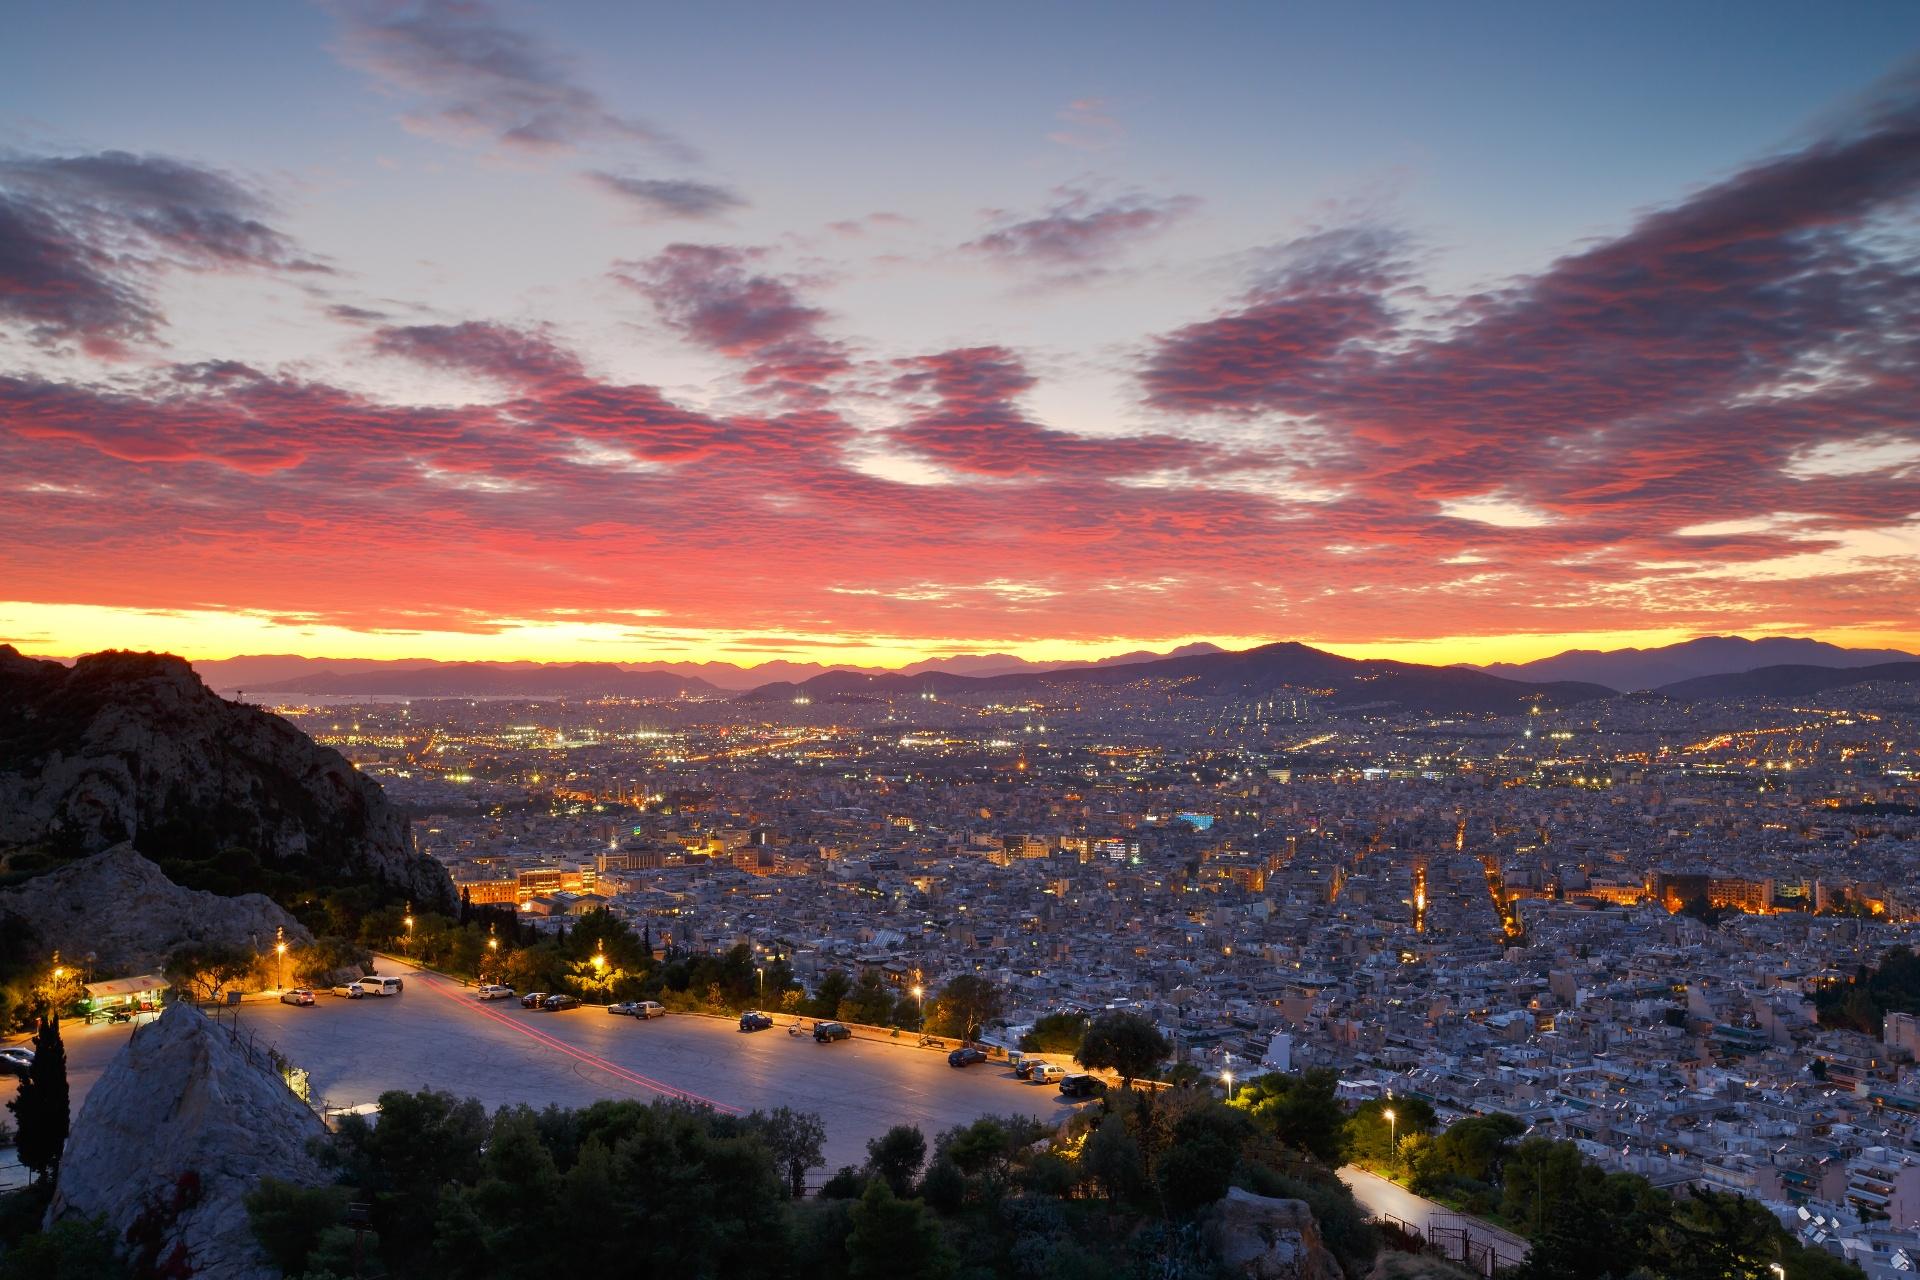 リカヴィトスの丘から見る夕暮れのアテネの風景 ギリシャの風景